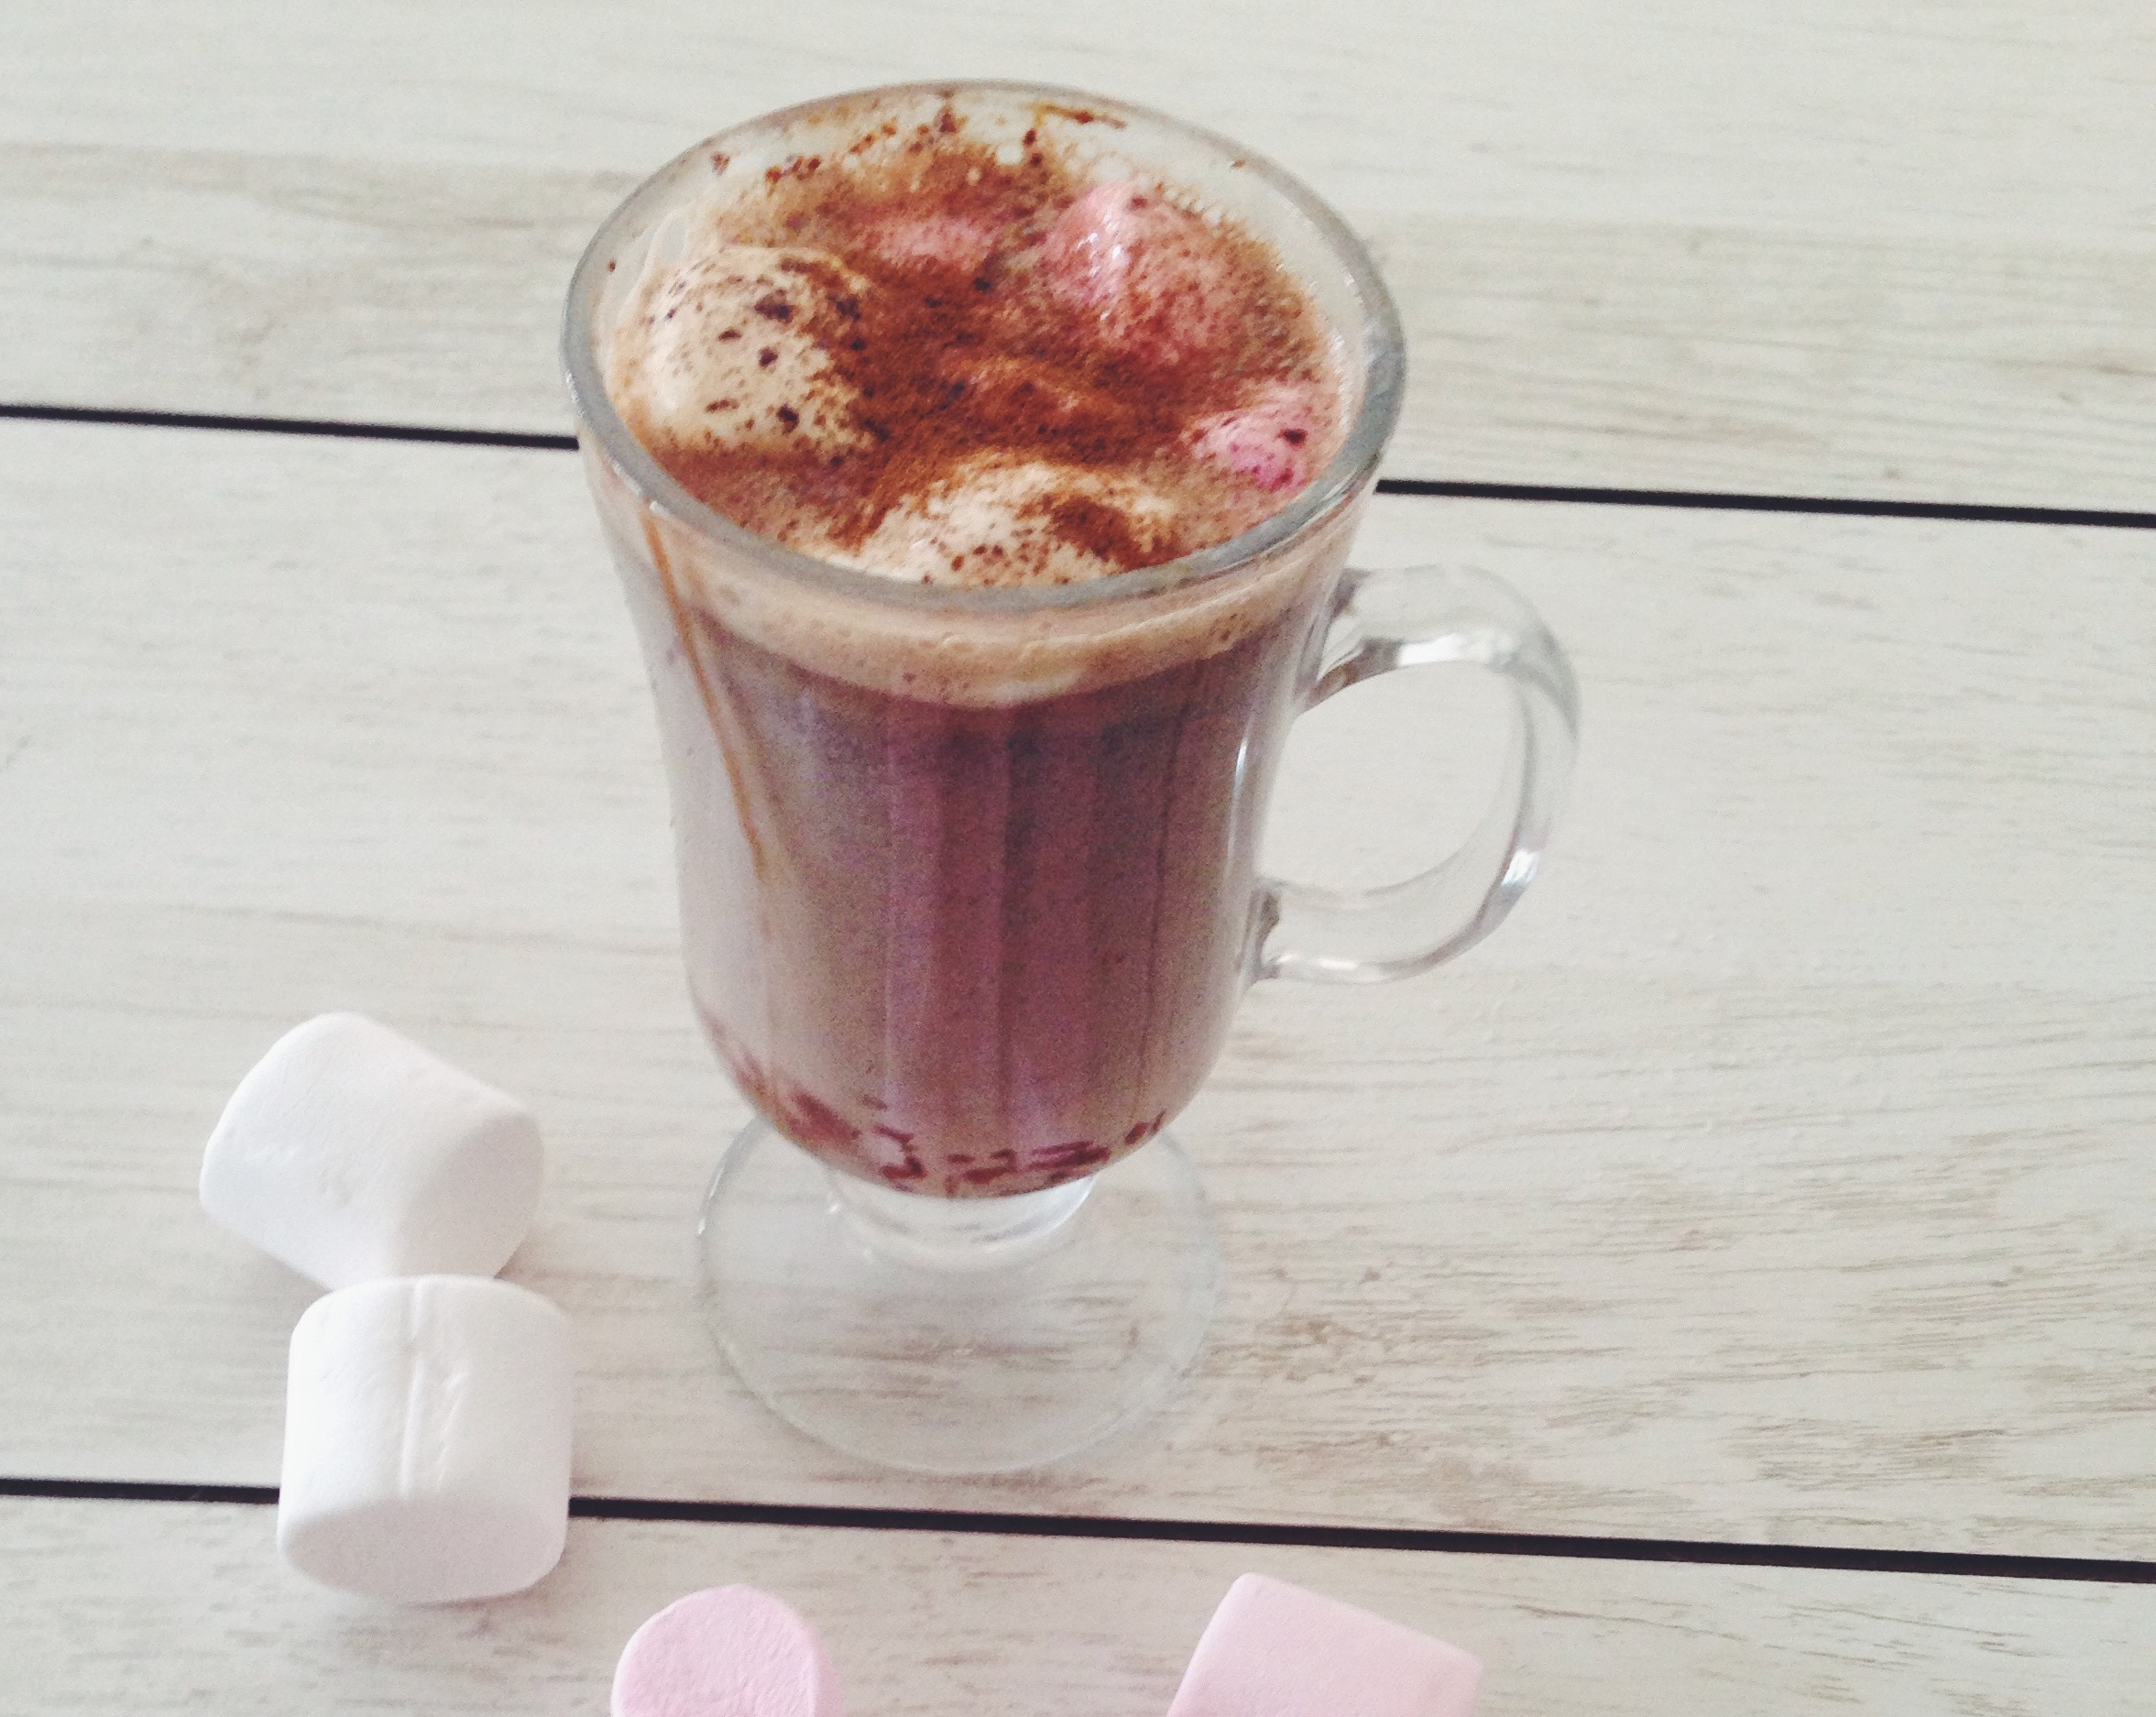 Best Ever Hot Chocolate Recipe - Dancing in my heels